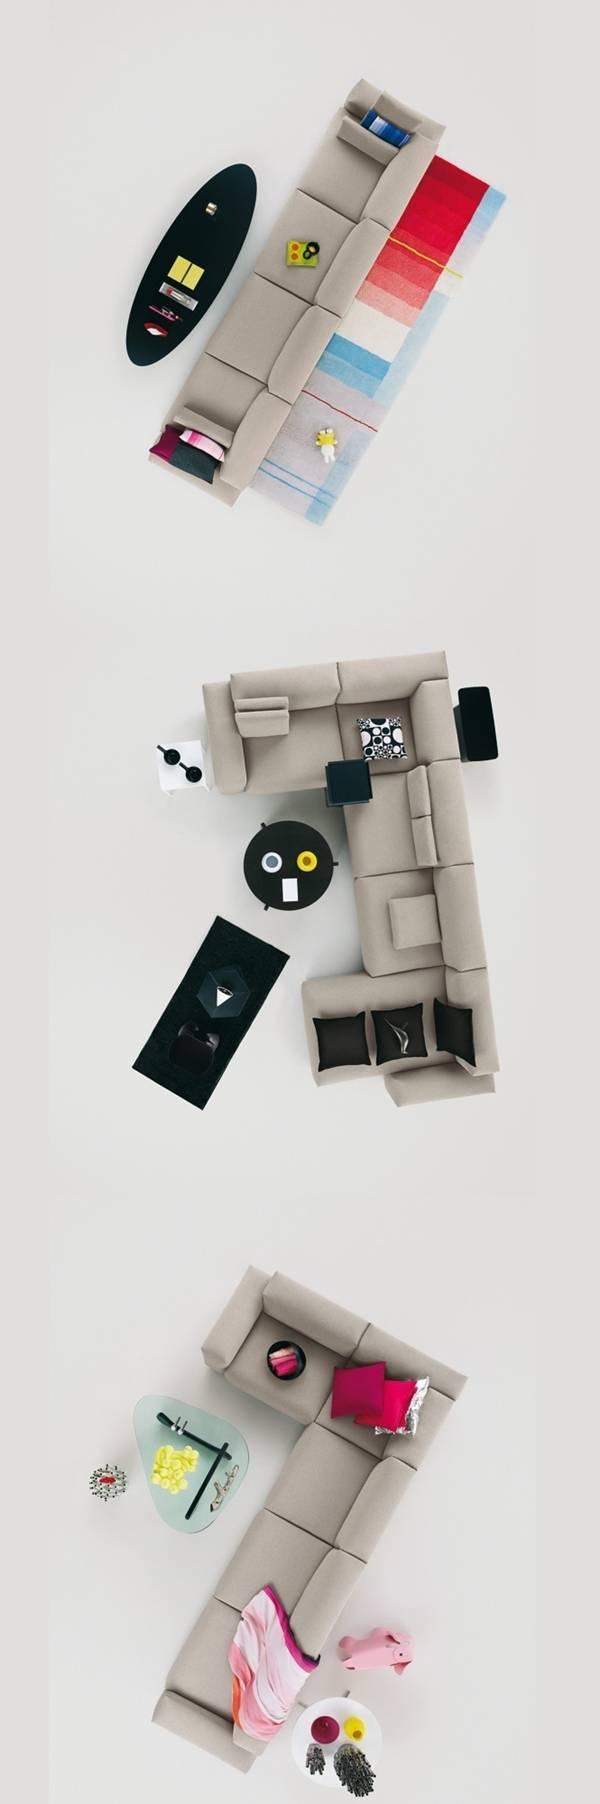 nhà đẹp, trang trí nhà, phòng khách